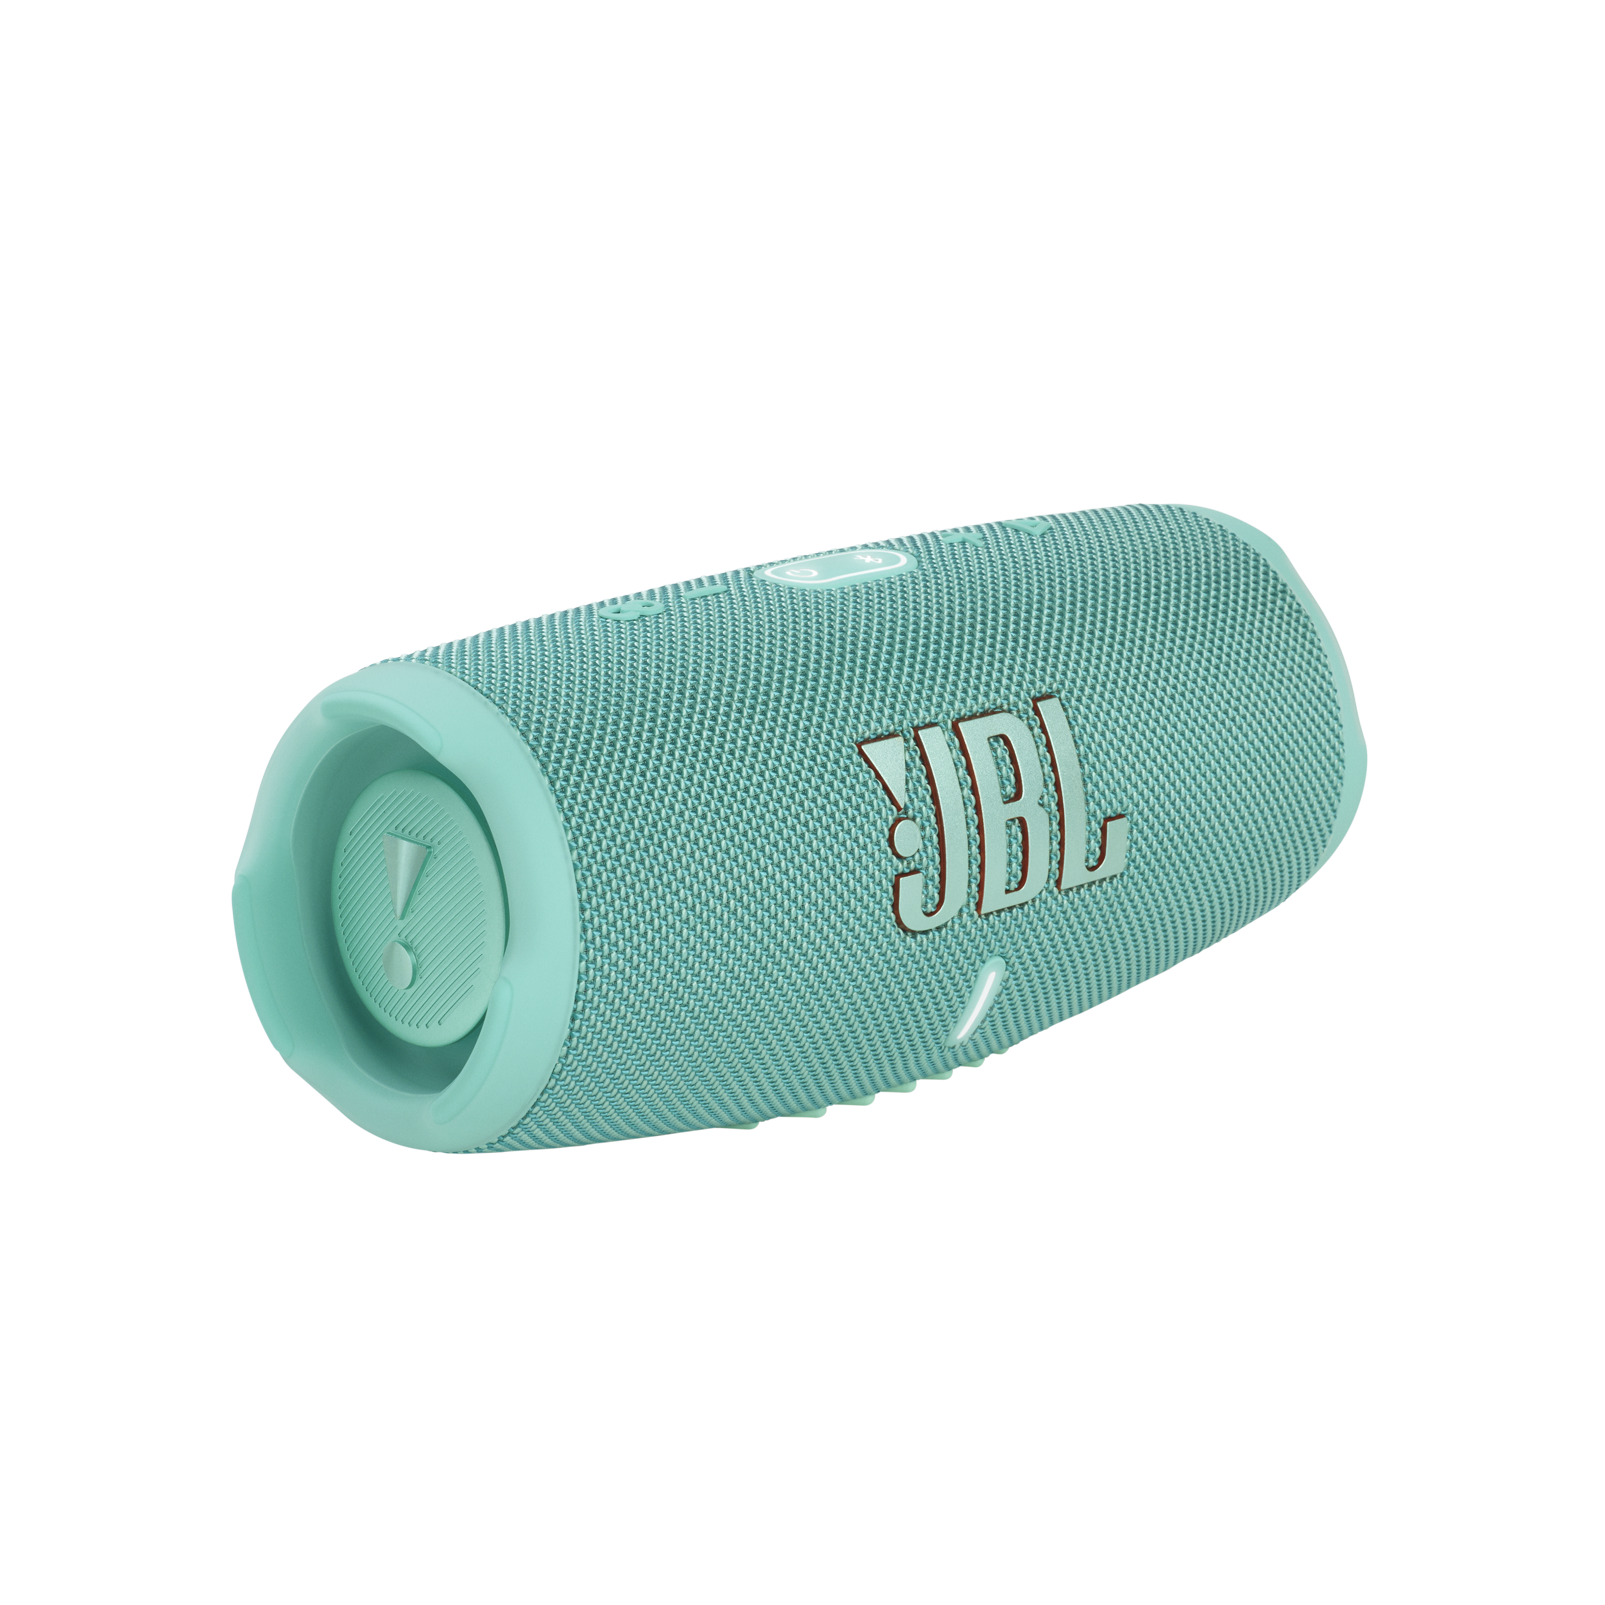 JBL CHARGE 5 - Teal - Portable Waterproof Speaker with Powerbank - Hero